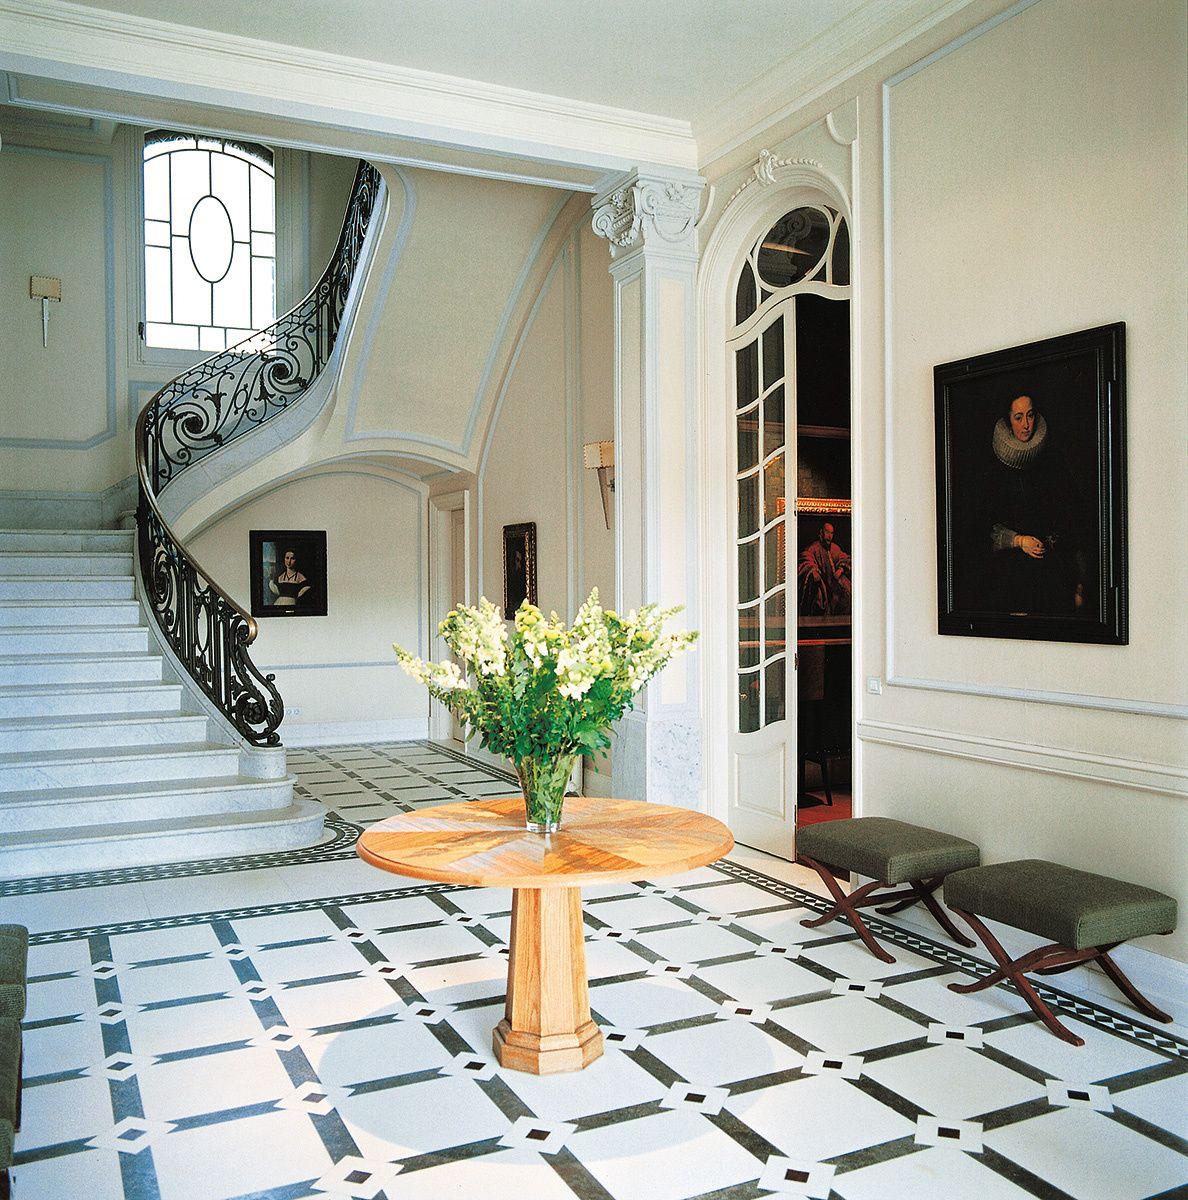 casa seorial el suelo del recibidor es una imitacin de un pavimento hidrulico hecho en mrmol